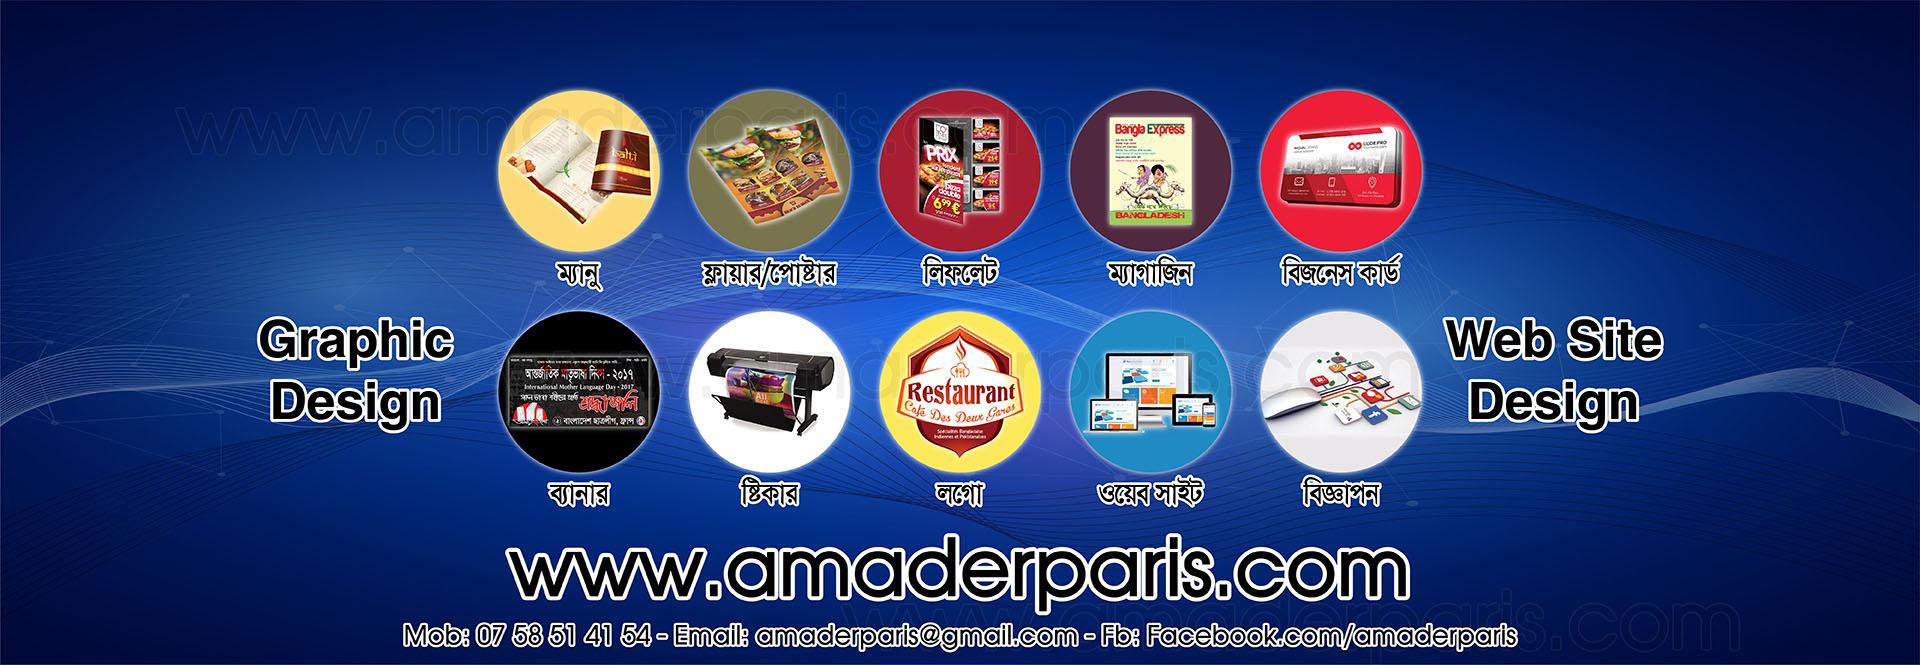 Amader Paris